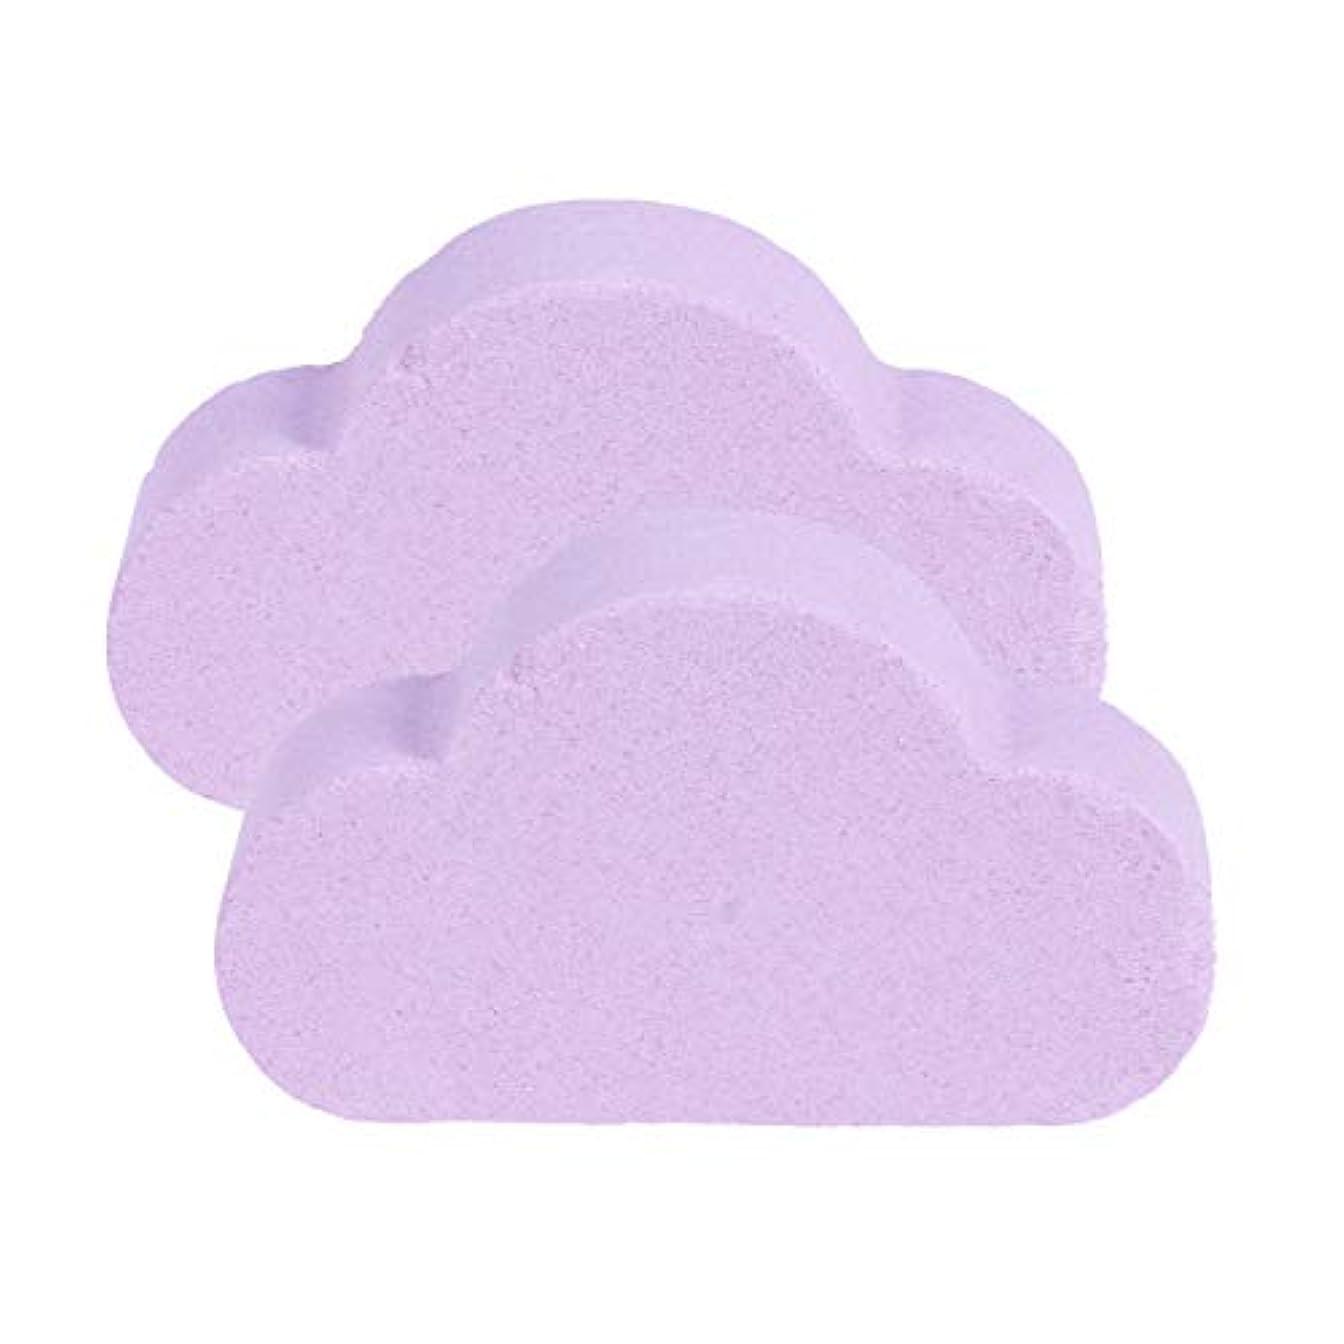 申し込むチャップ日SUPVOX 2ピース風呂爆弾エッセンシャルオイルクラウド形状塩バブル家庭用スキンケア風呂用品用バブルスパ風呂ギフト